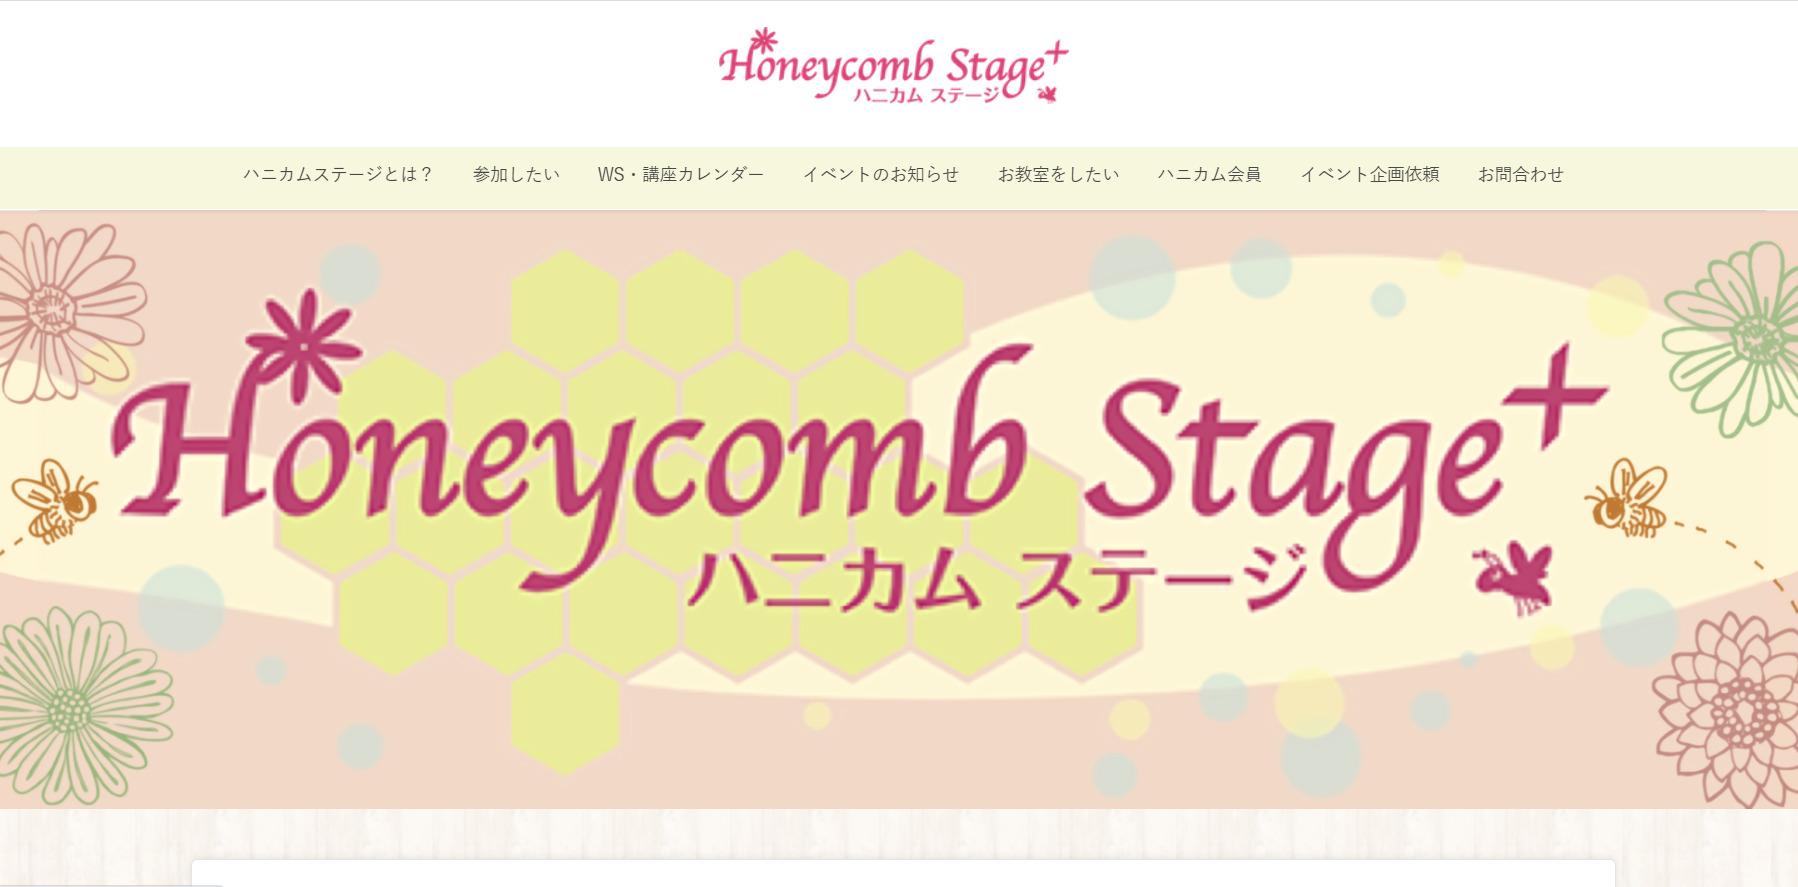 シェアオフィス Honeycomb Stage+